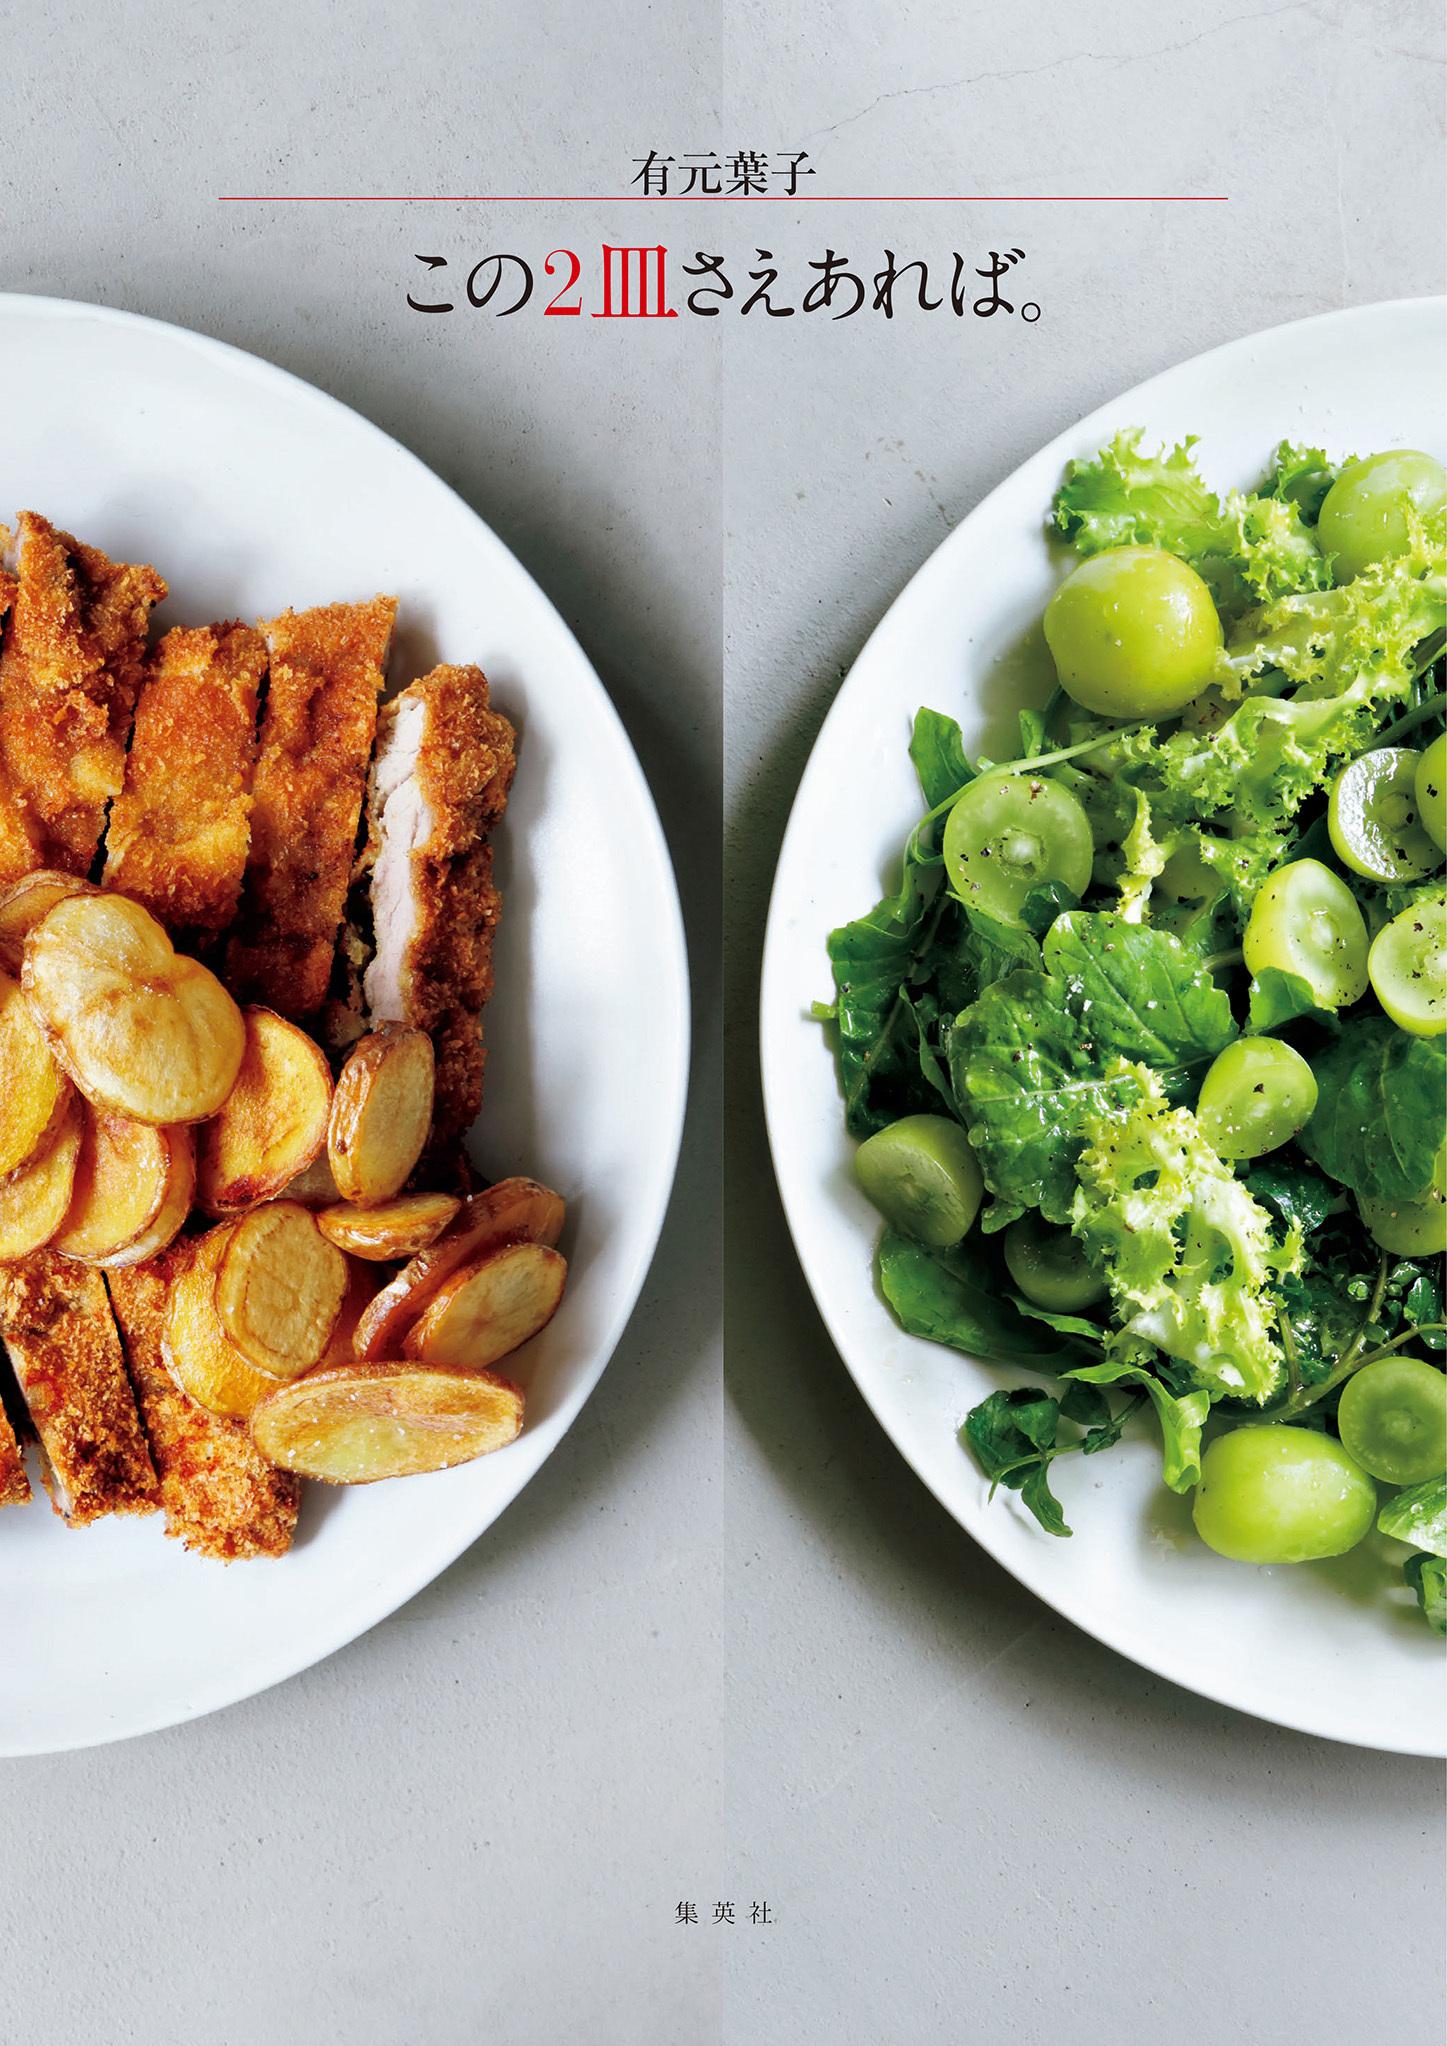 年末年始のおもてなしに役立つ1冊 有元葉子「この2皿さえあれば。」_1_1